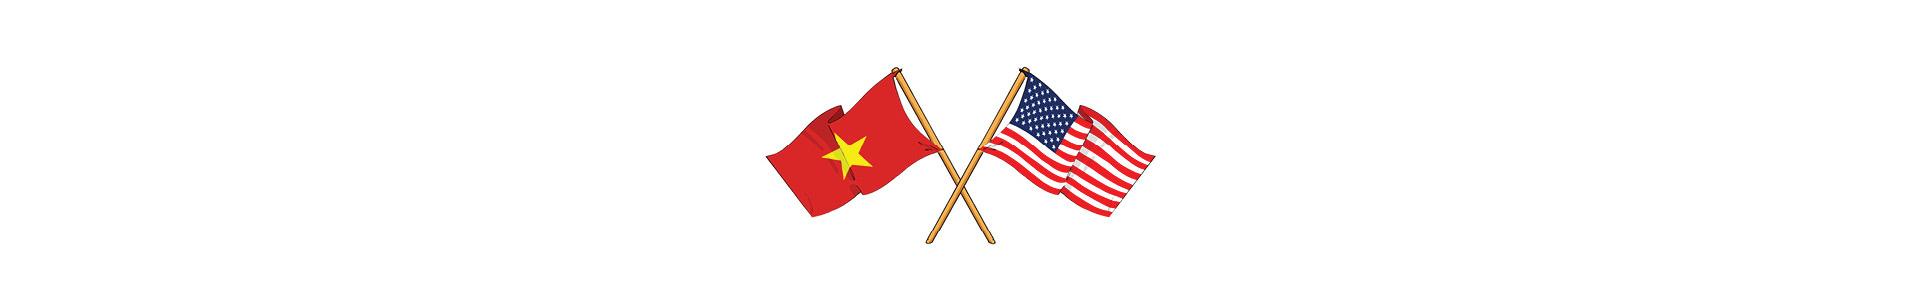 Cựu Đại sứ Mỹ tại Việt Nam Ted Osius: Hòa giải Việt Mỹ - Không gì là không thể - Ảnh 3.